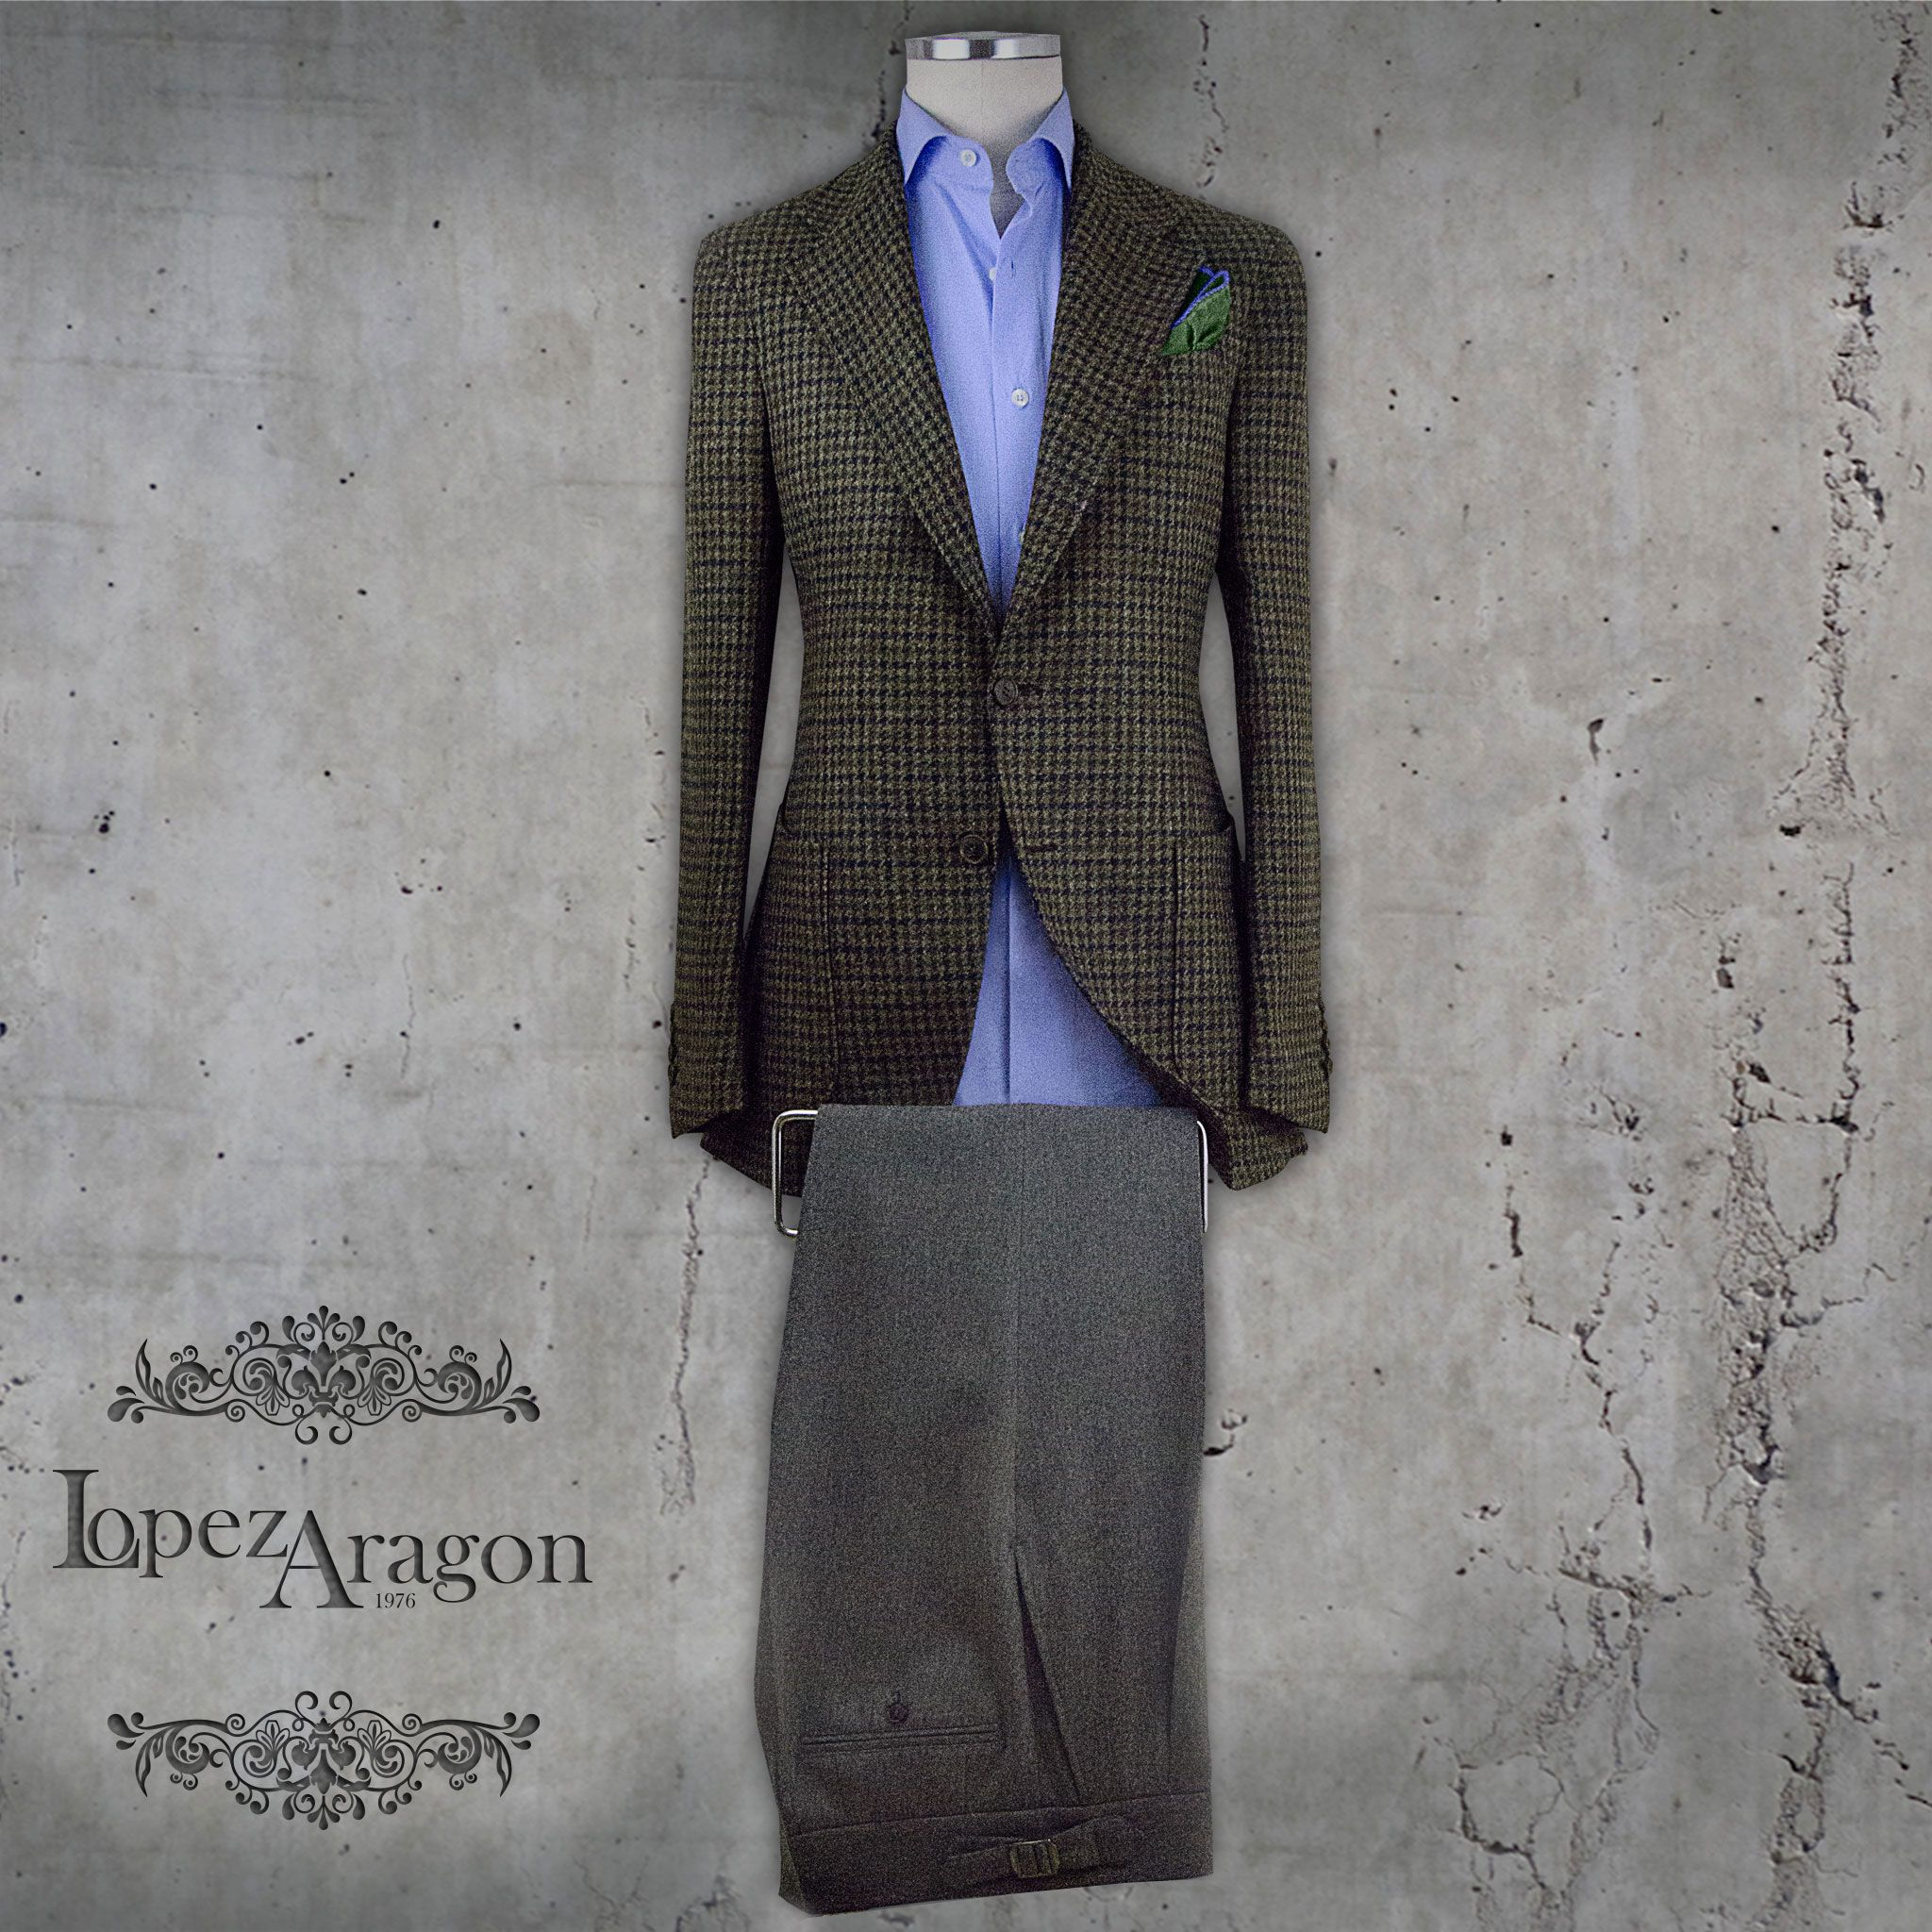 Modelo chaqueta Pantalón. López Aragón.